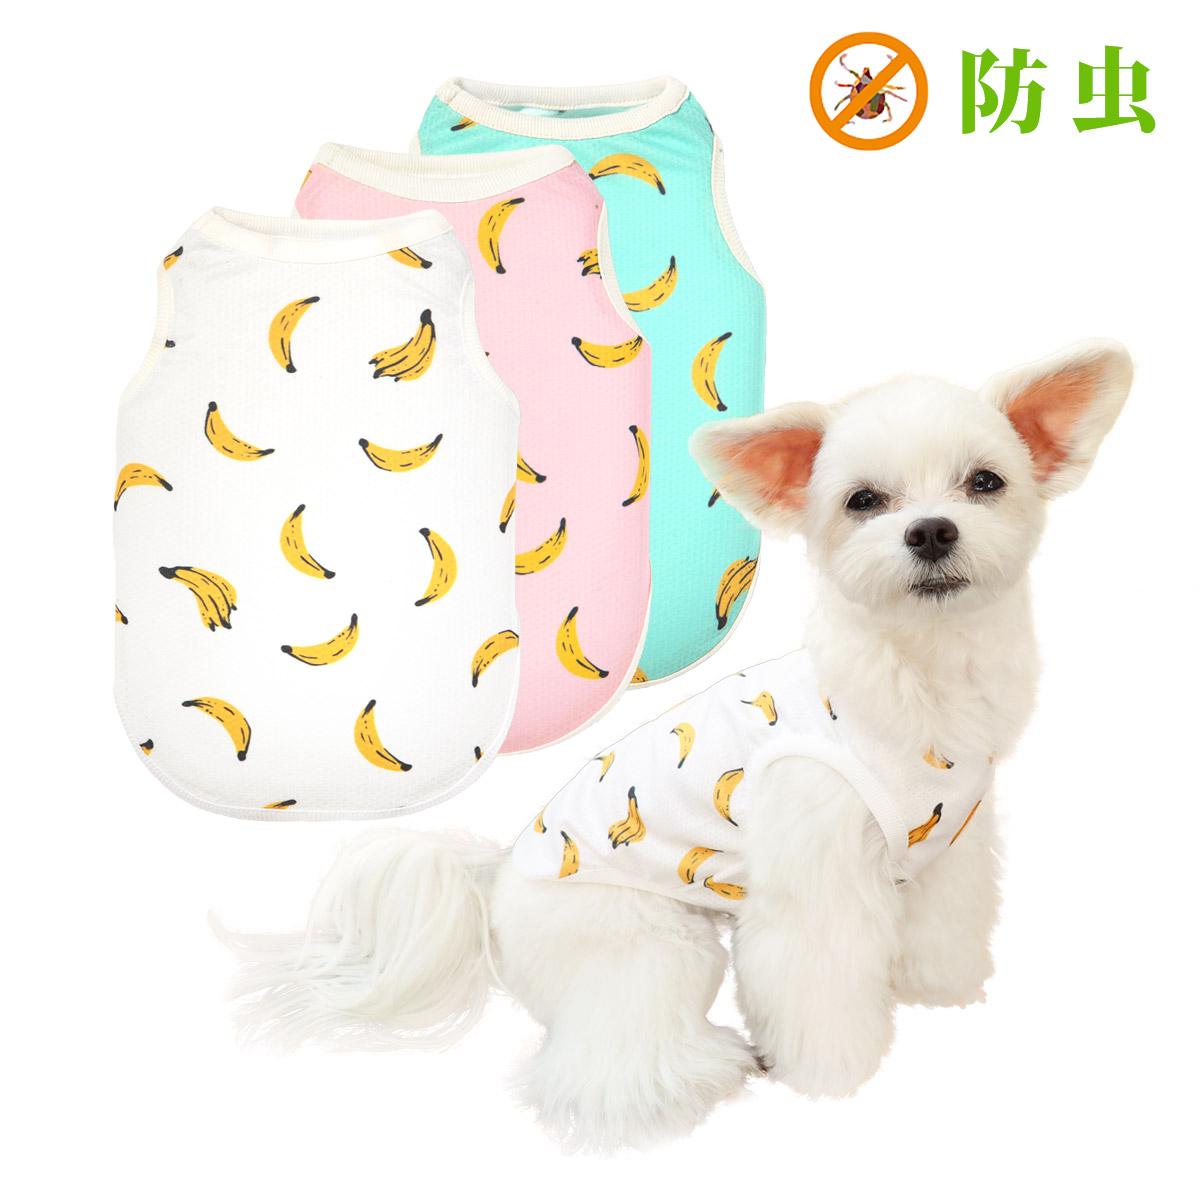 犬と生活 バグガードバナナタンク